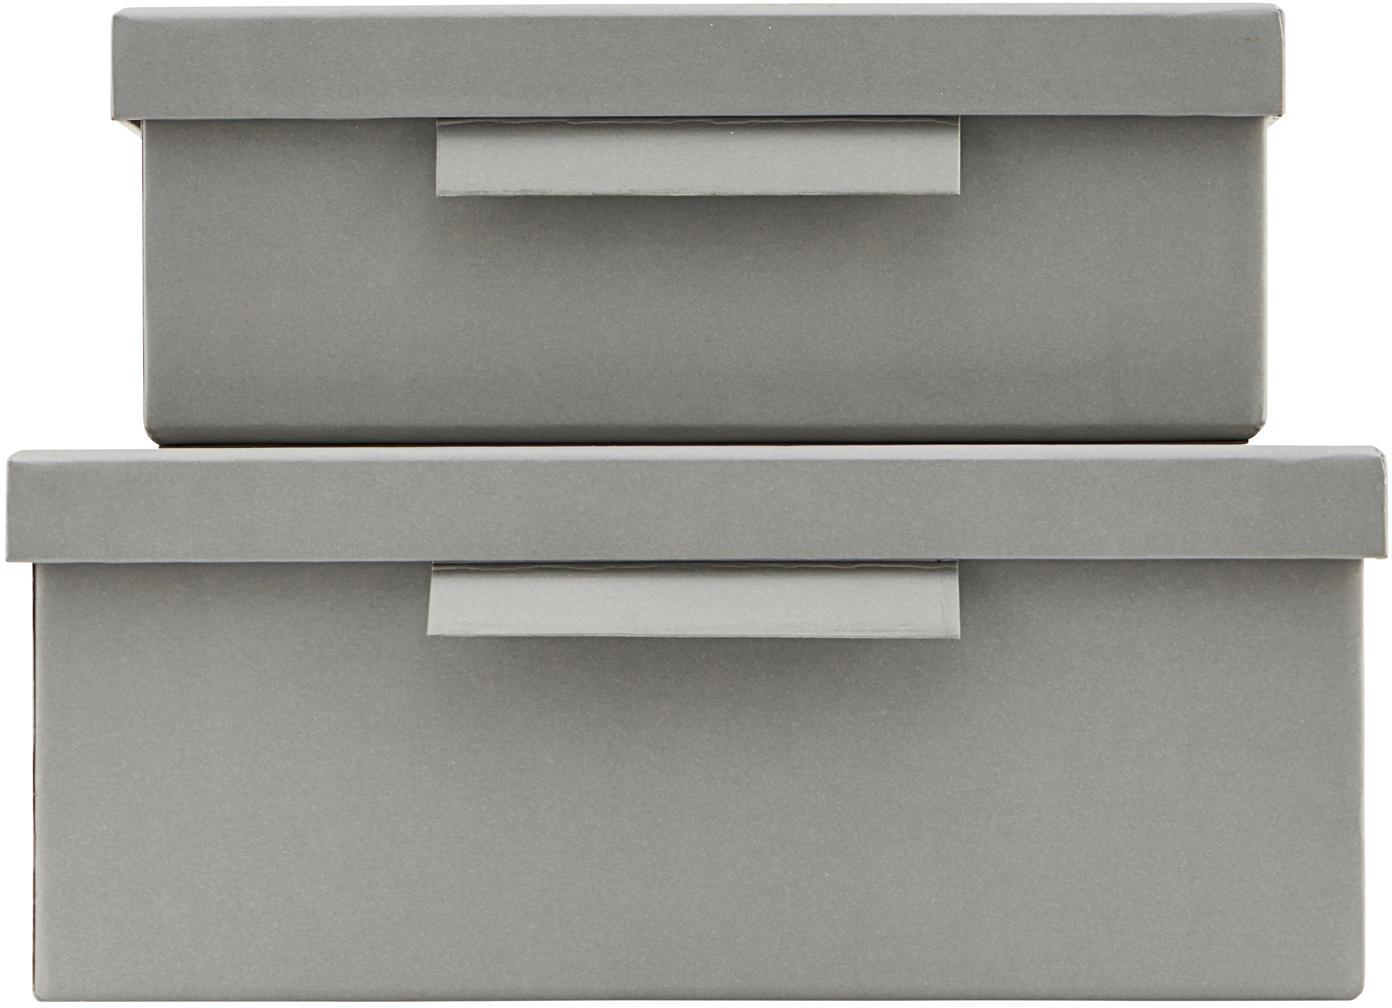 Aufbewahrungsboxen-Set File, 2-tlg., Papier, Grau, Sondergrößen